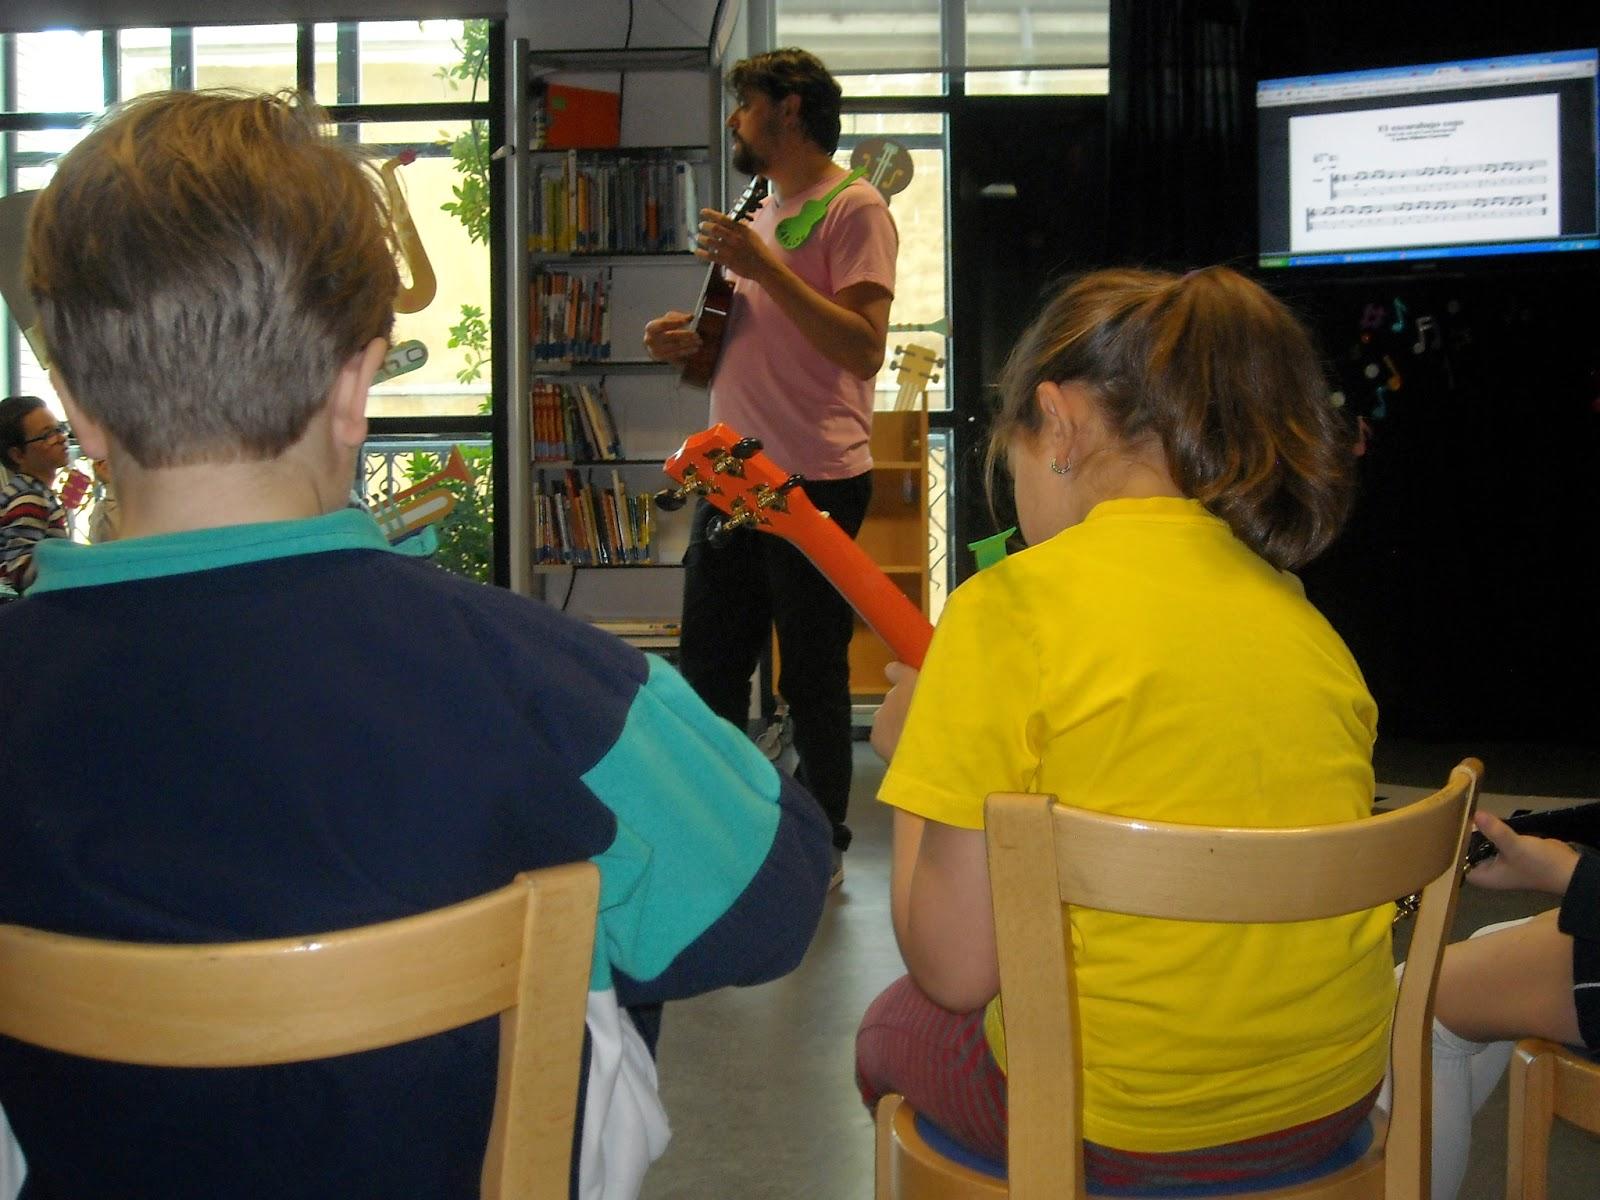 Uke Cole clases de ukelele con niños